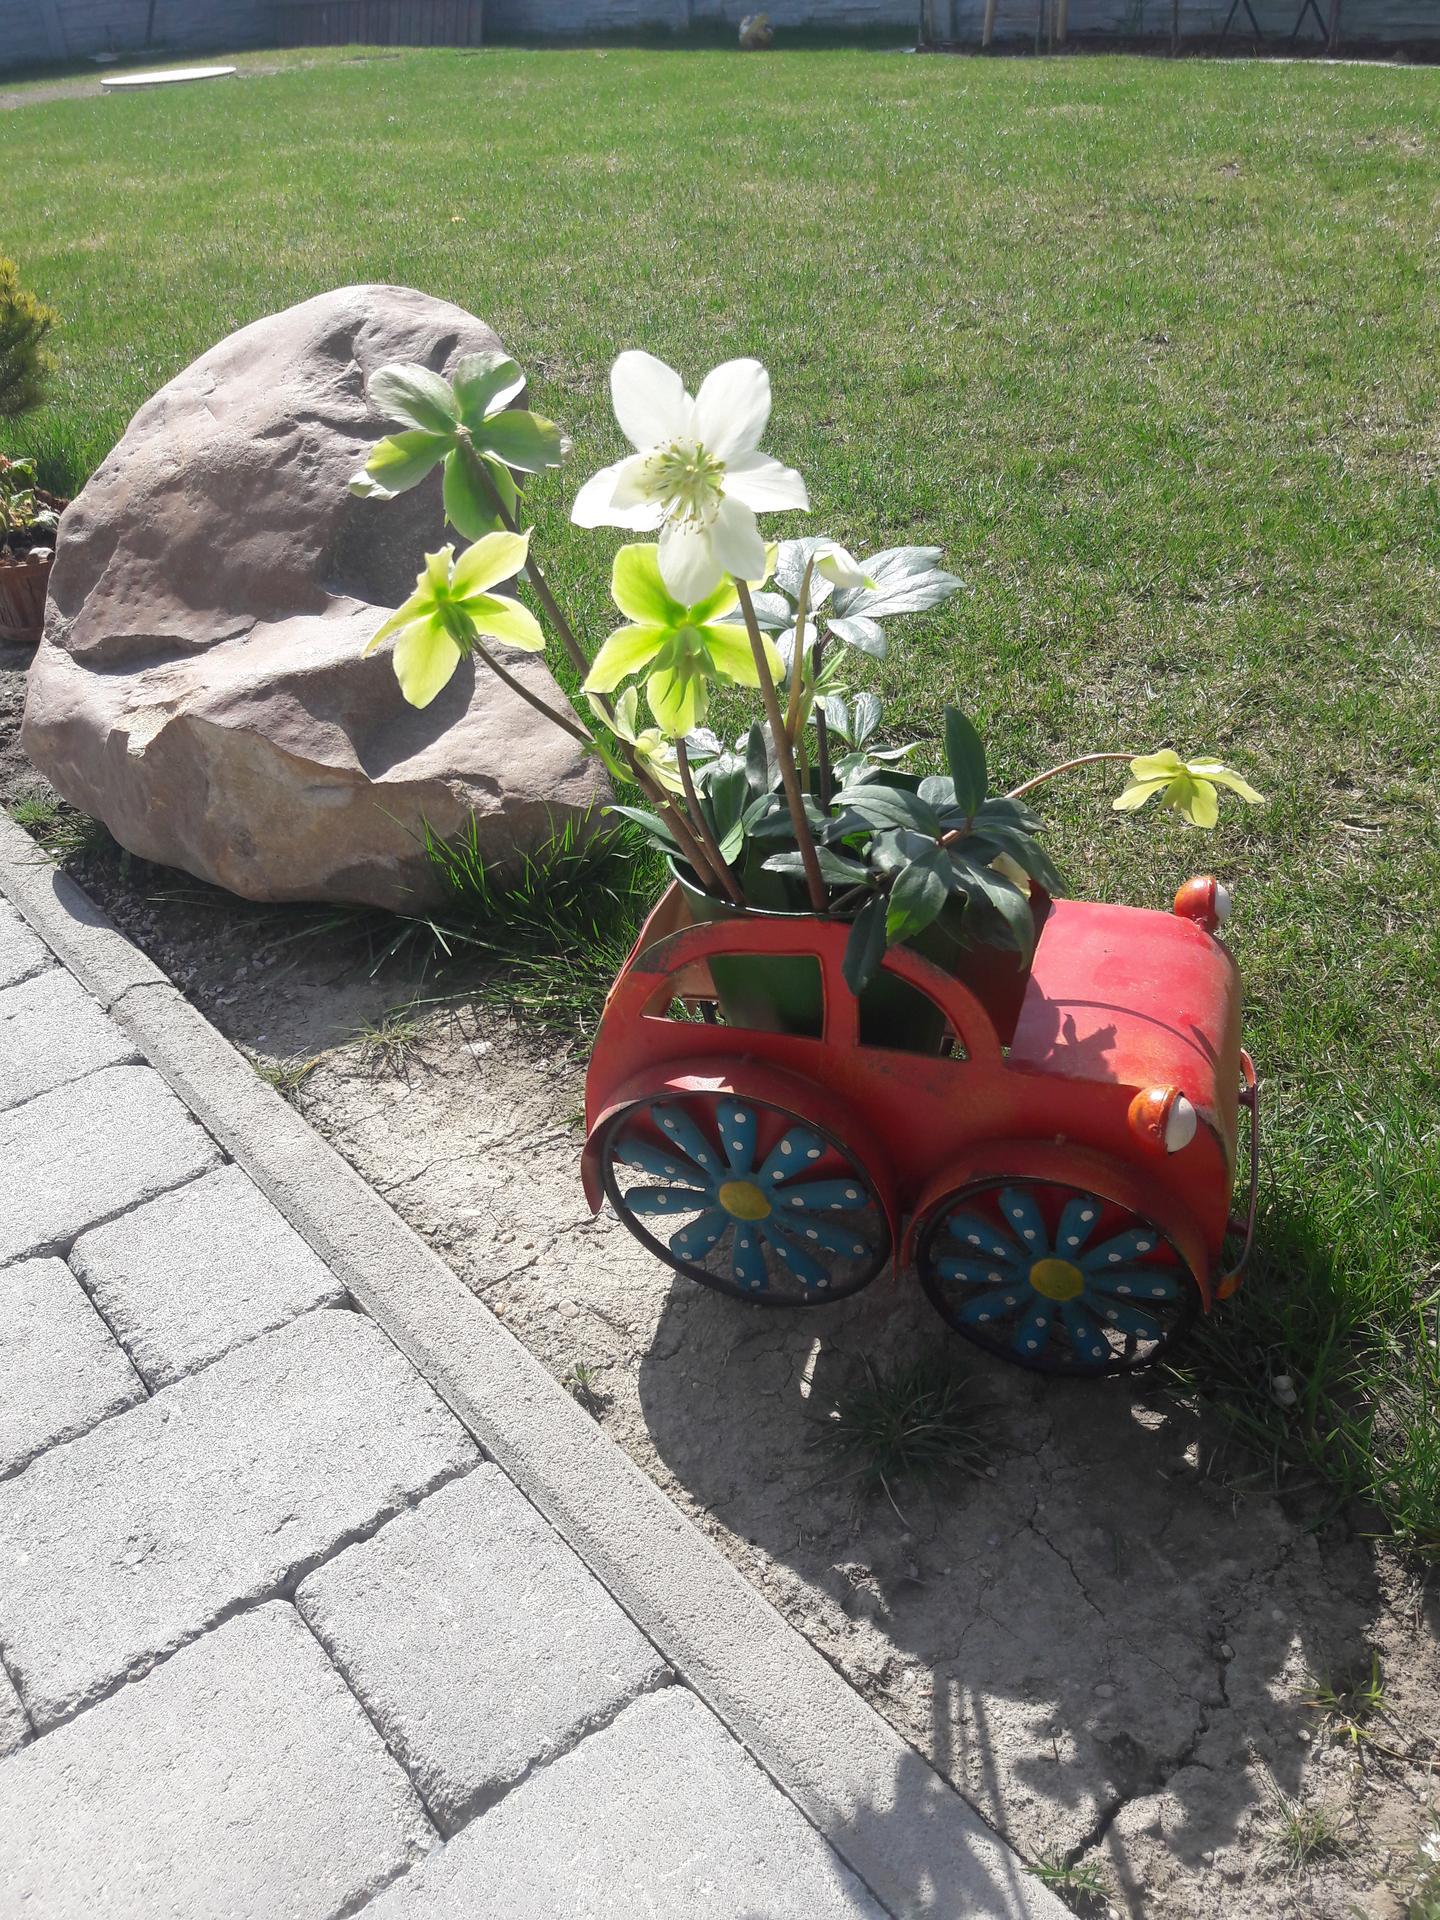 Záhrada 2021❤ - Obrázok č. 10